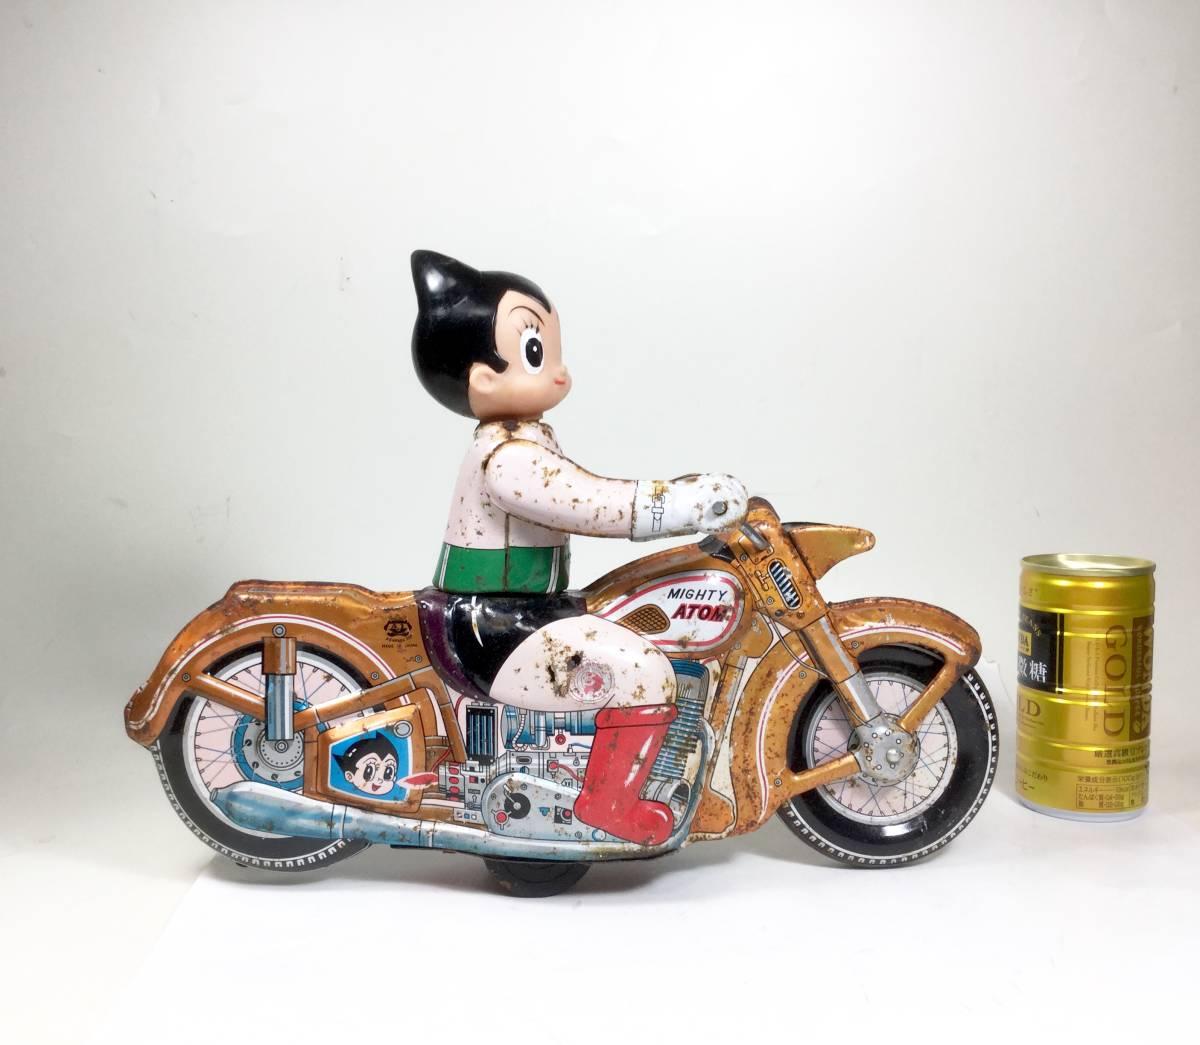 鉄腕アトム 浅草玩具 オートバイ 大型サイズ 1960年代 当時もの レトロ ビンテージ フリクション走行 バイク 虫プロ _画像8